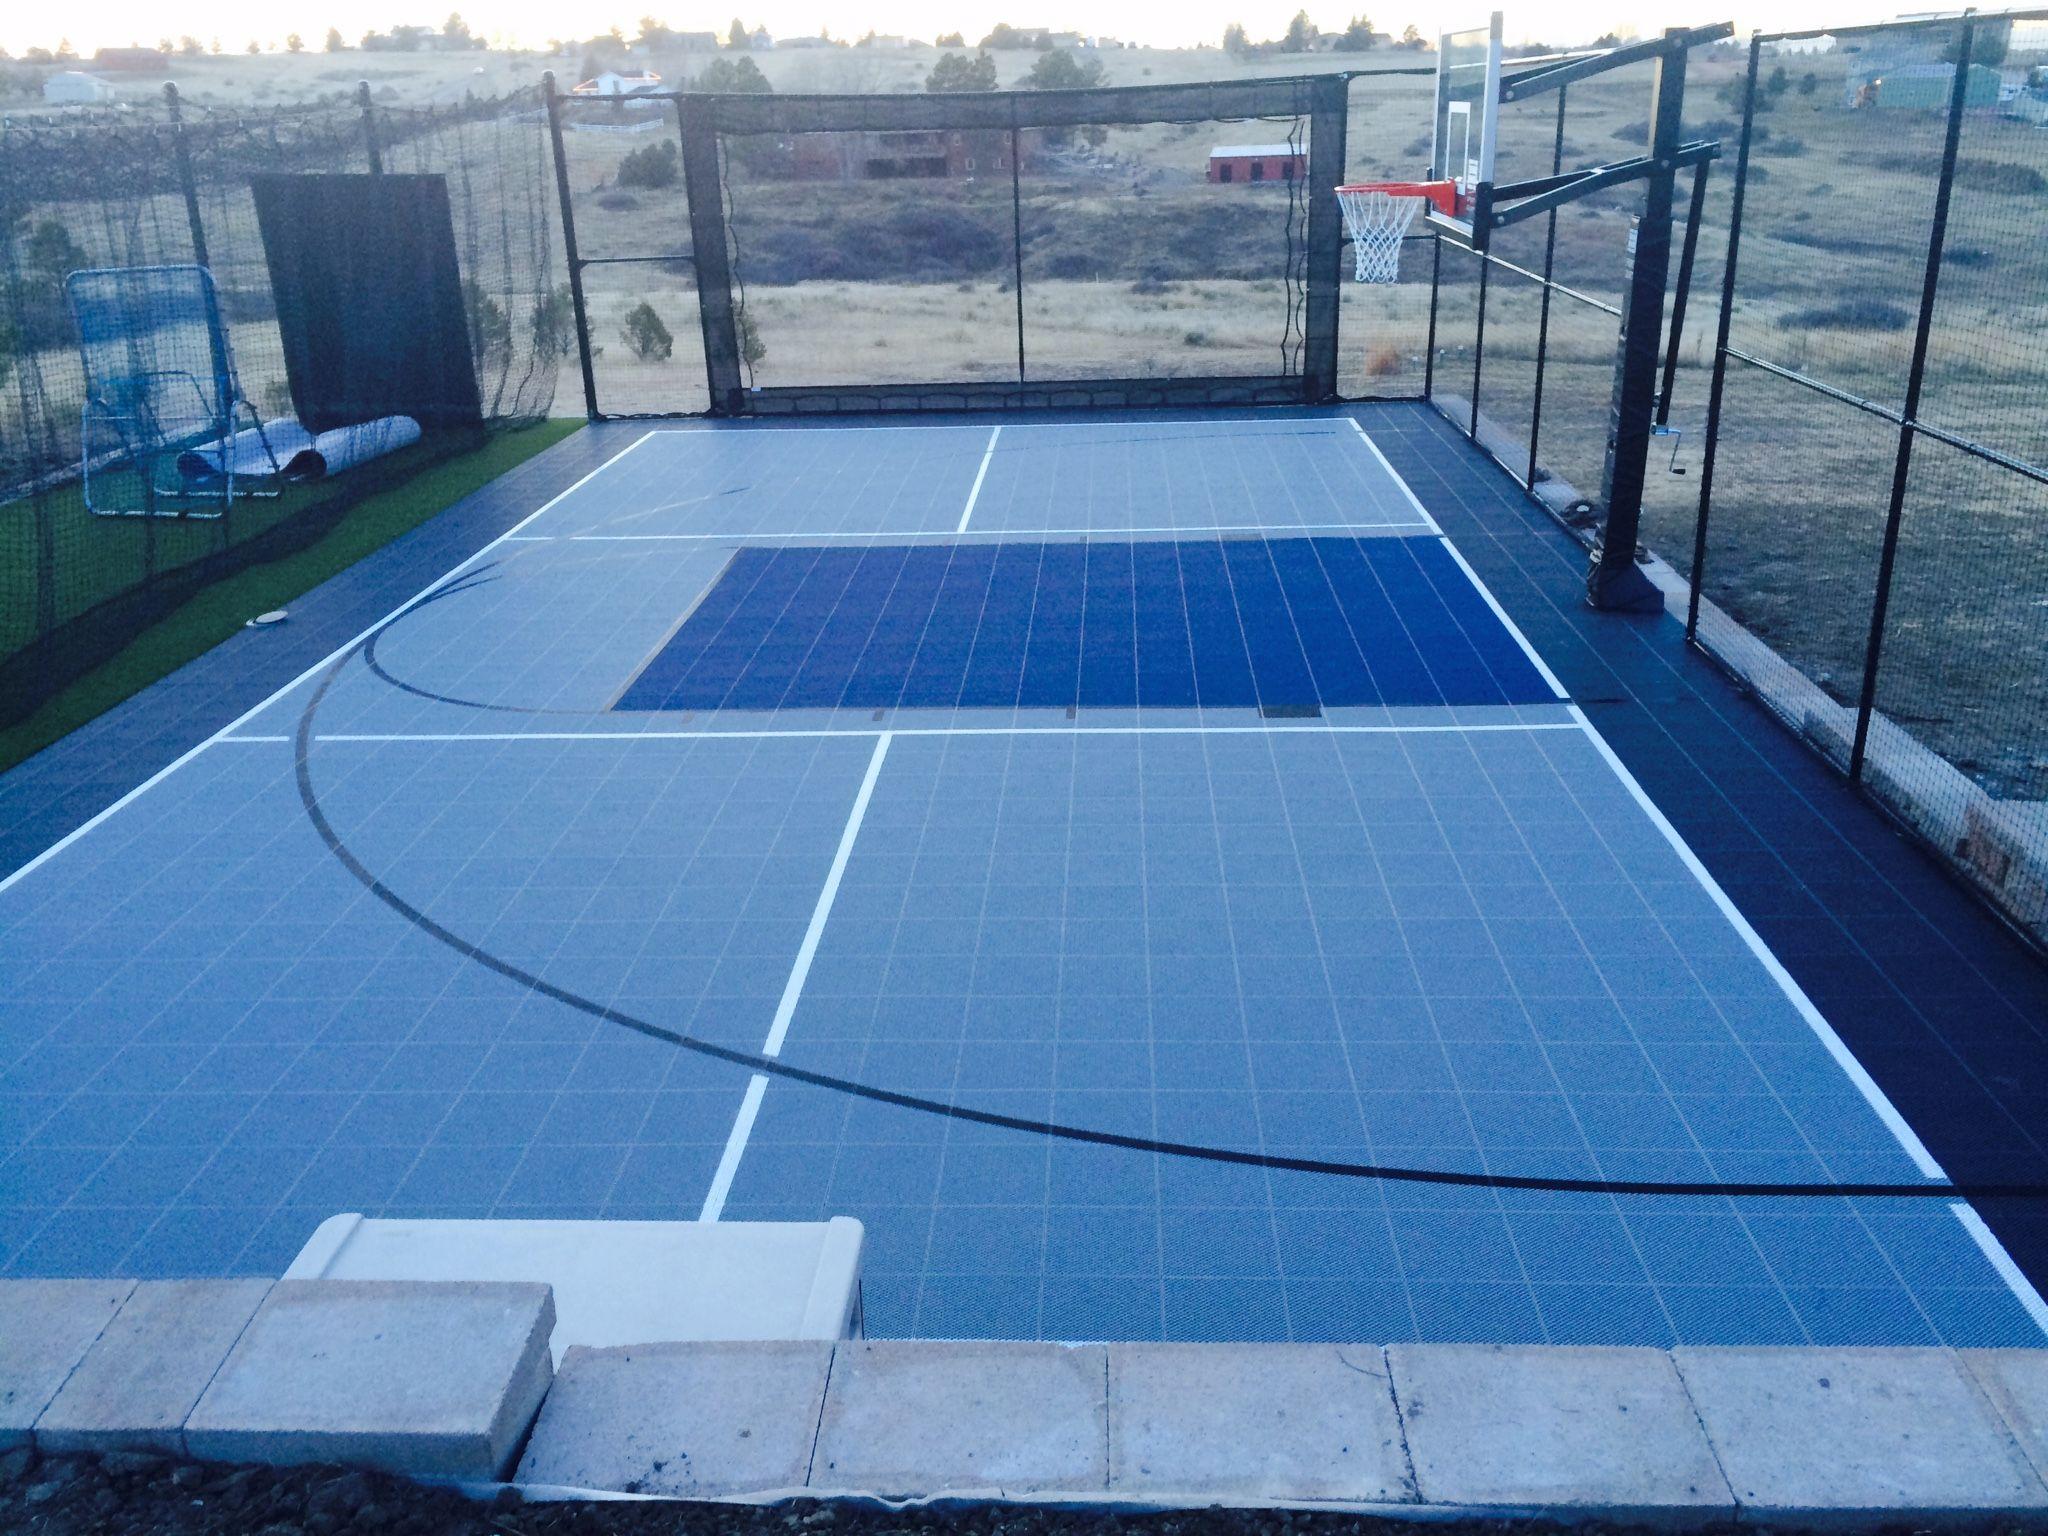 Backyard Backyardcourt Basketball Colorado Sportcourt Cancha De Baloncesto Canchas Baloncesto